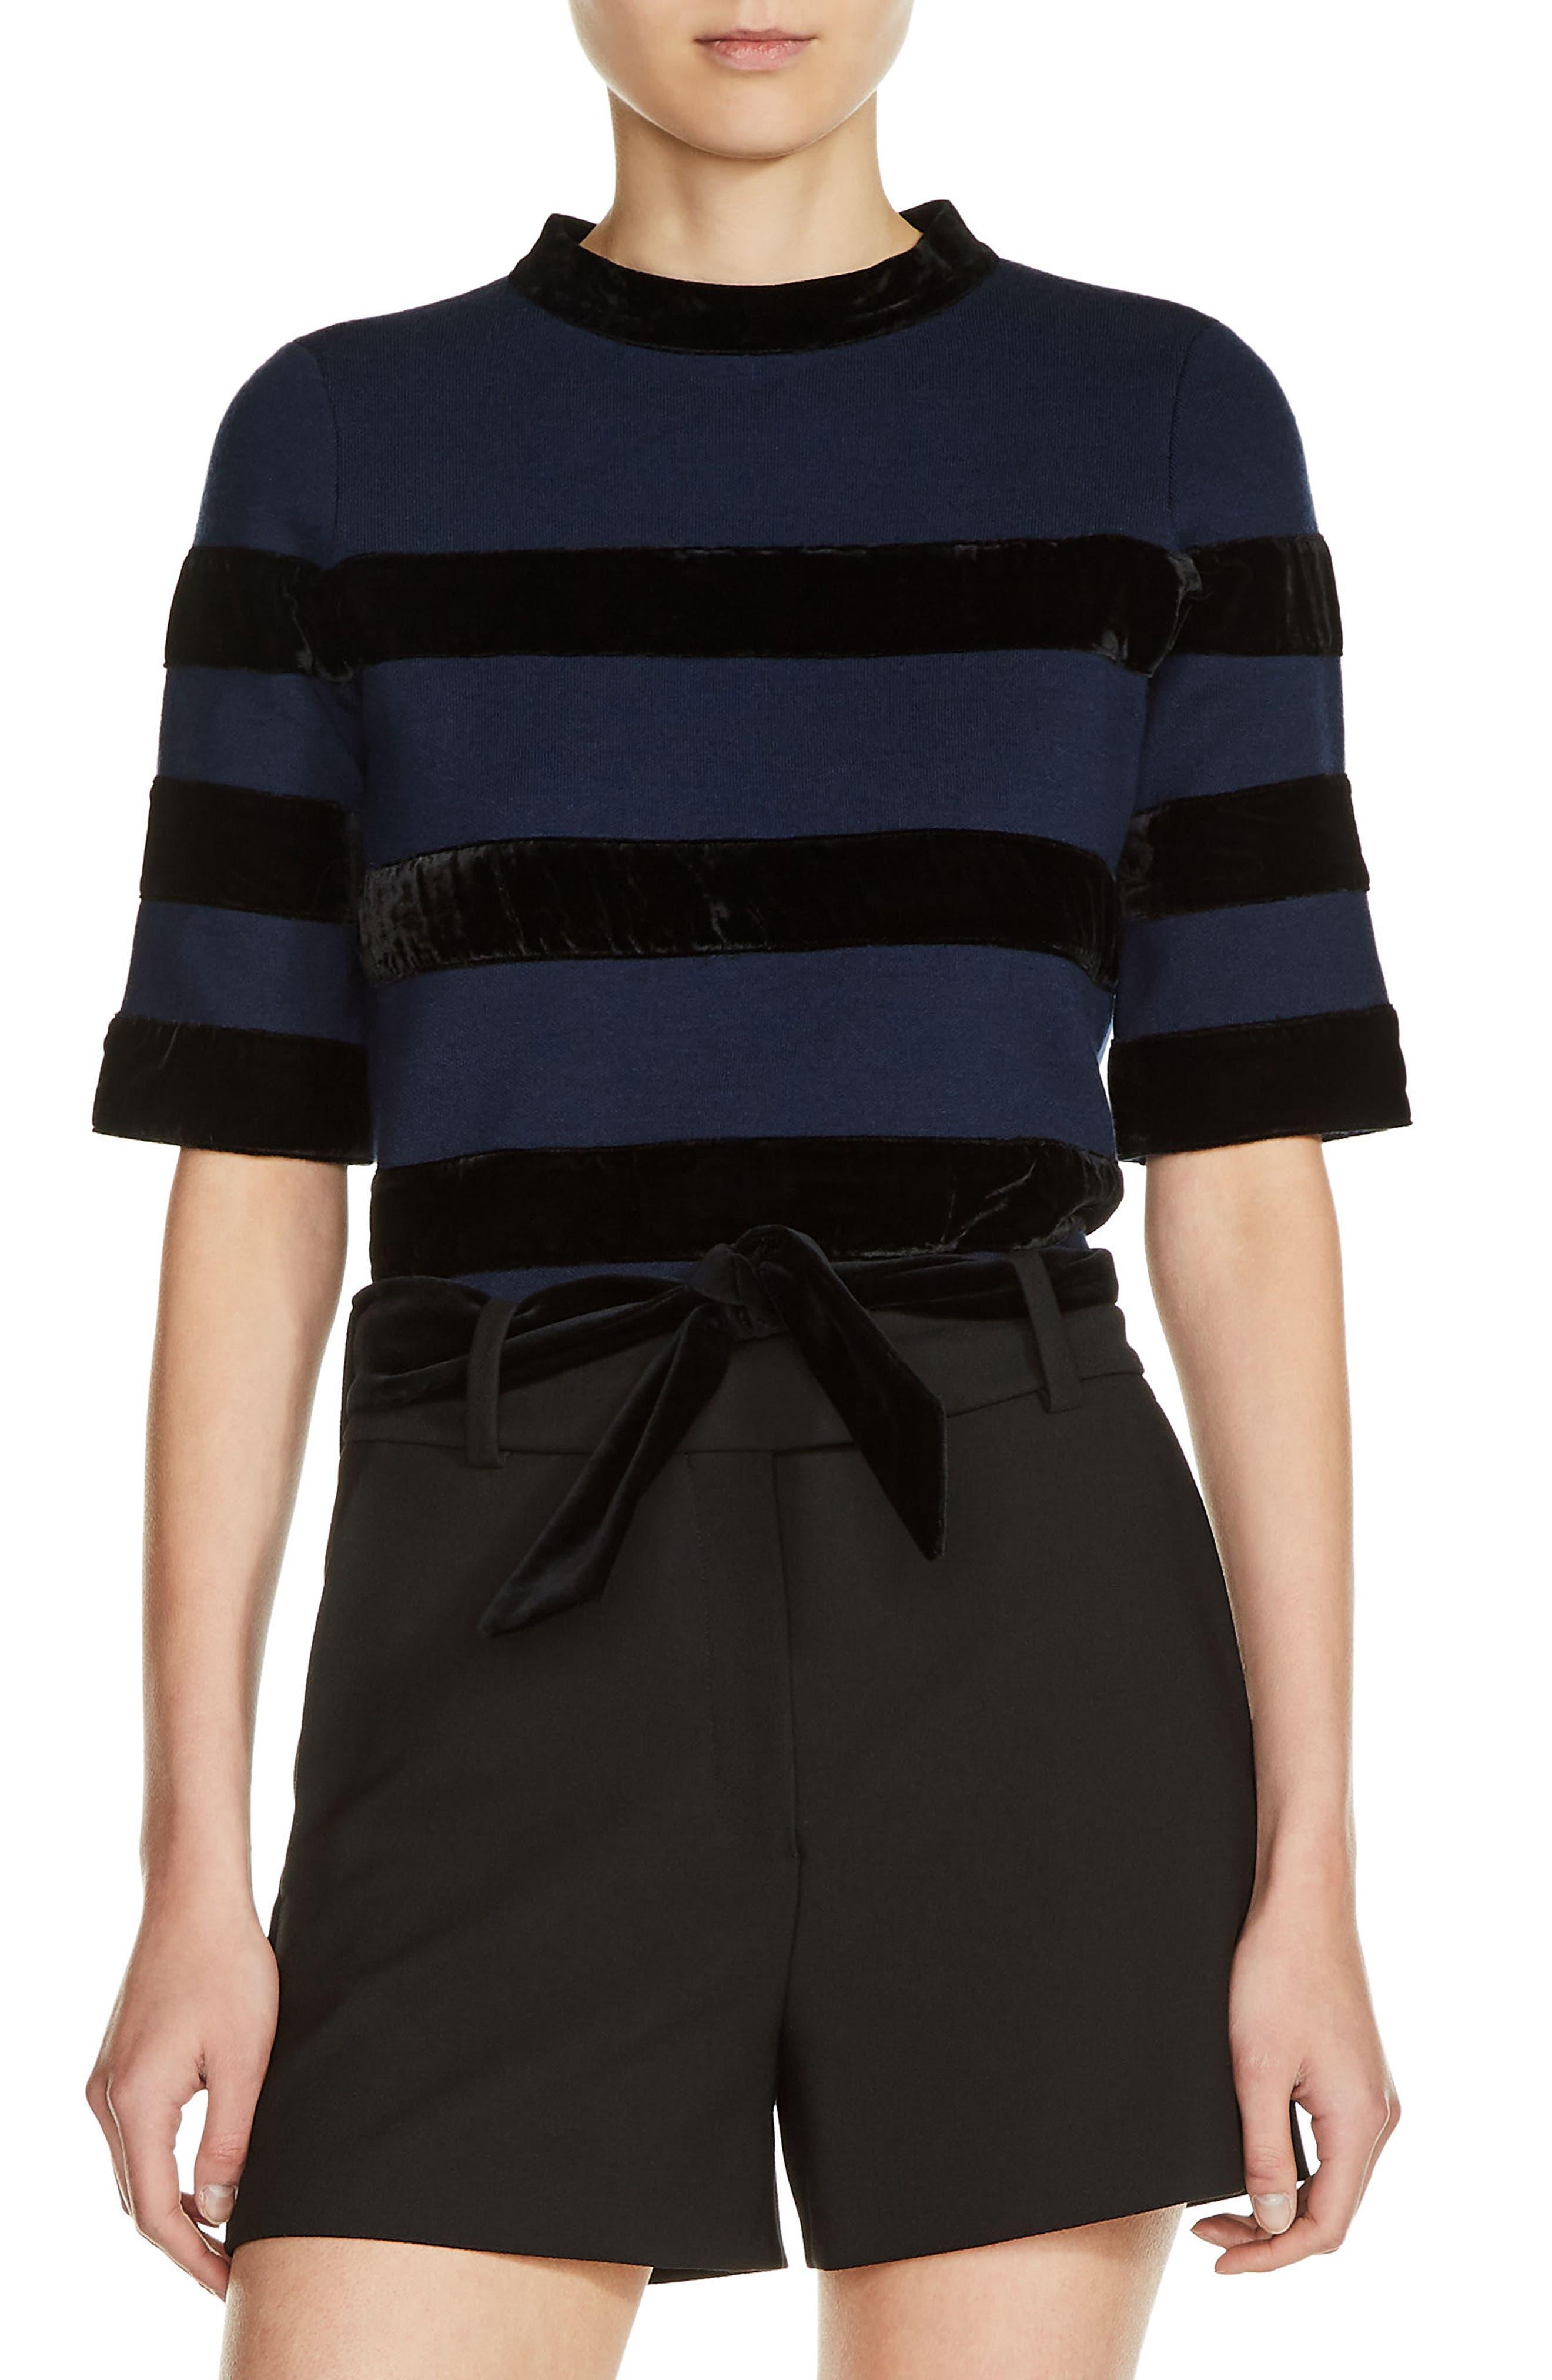 Alternate Image 1 Selected - maje Velvet Stripe Milano Knit Crop Top